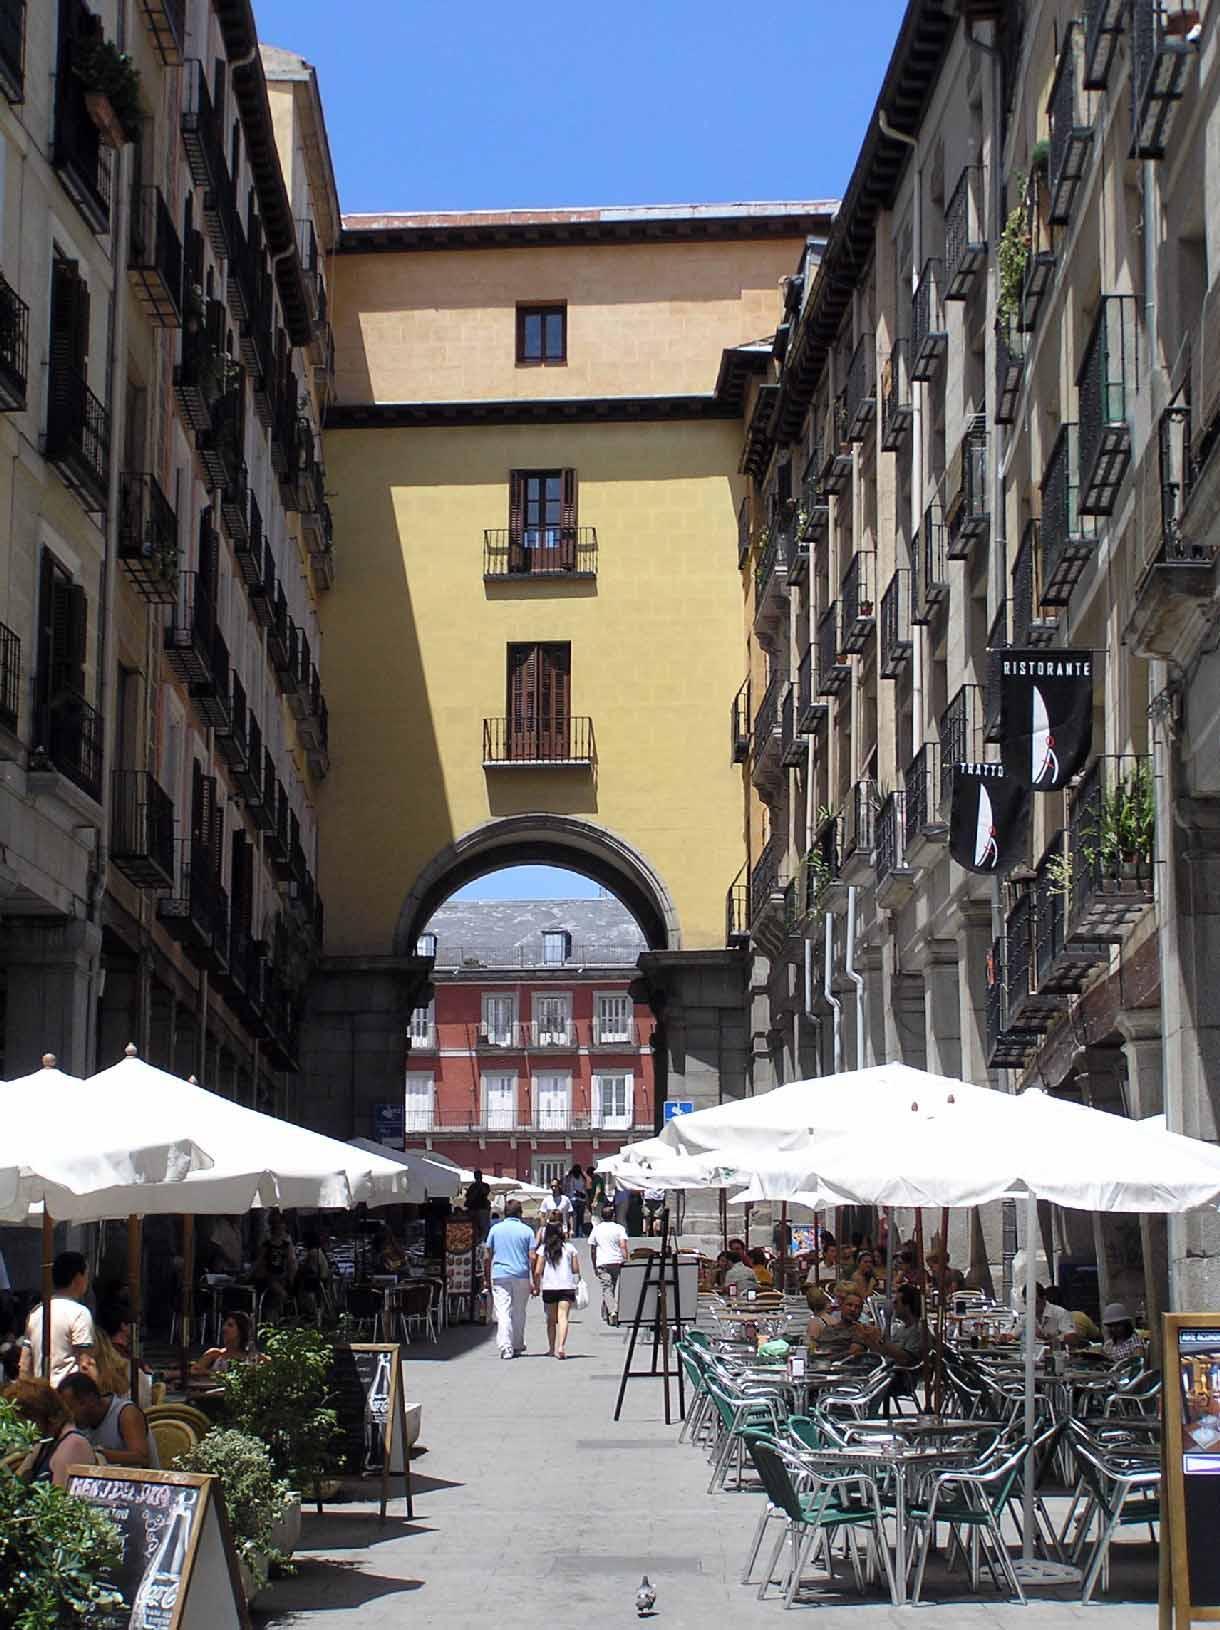 Plaza Mayor De Madrid Portal Fuenterrebollo